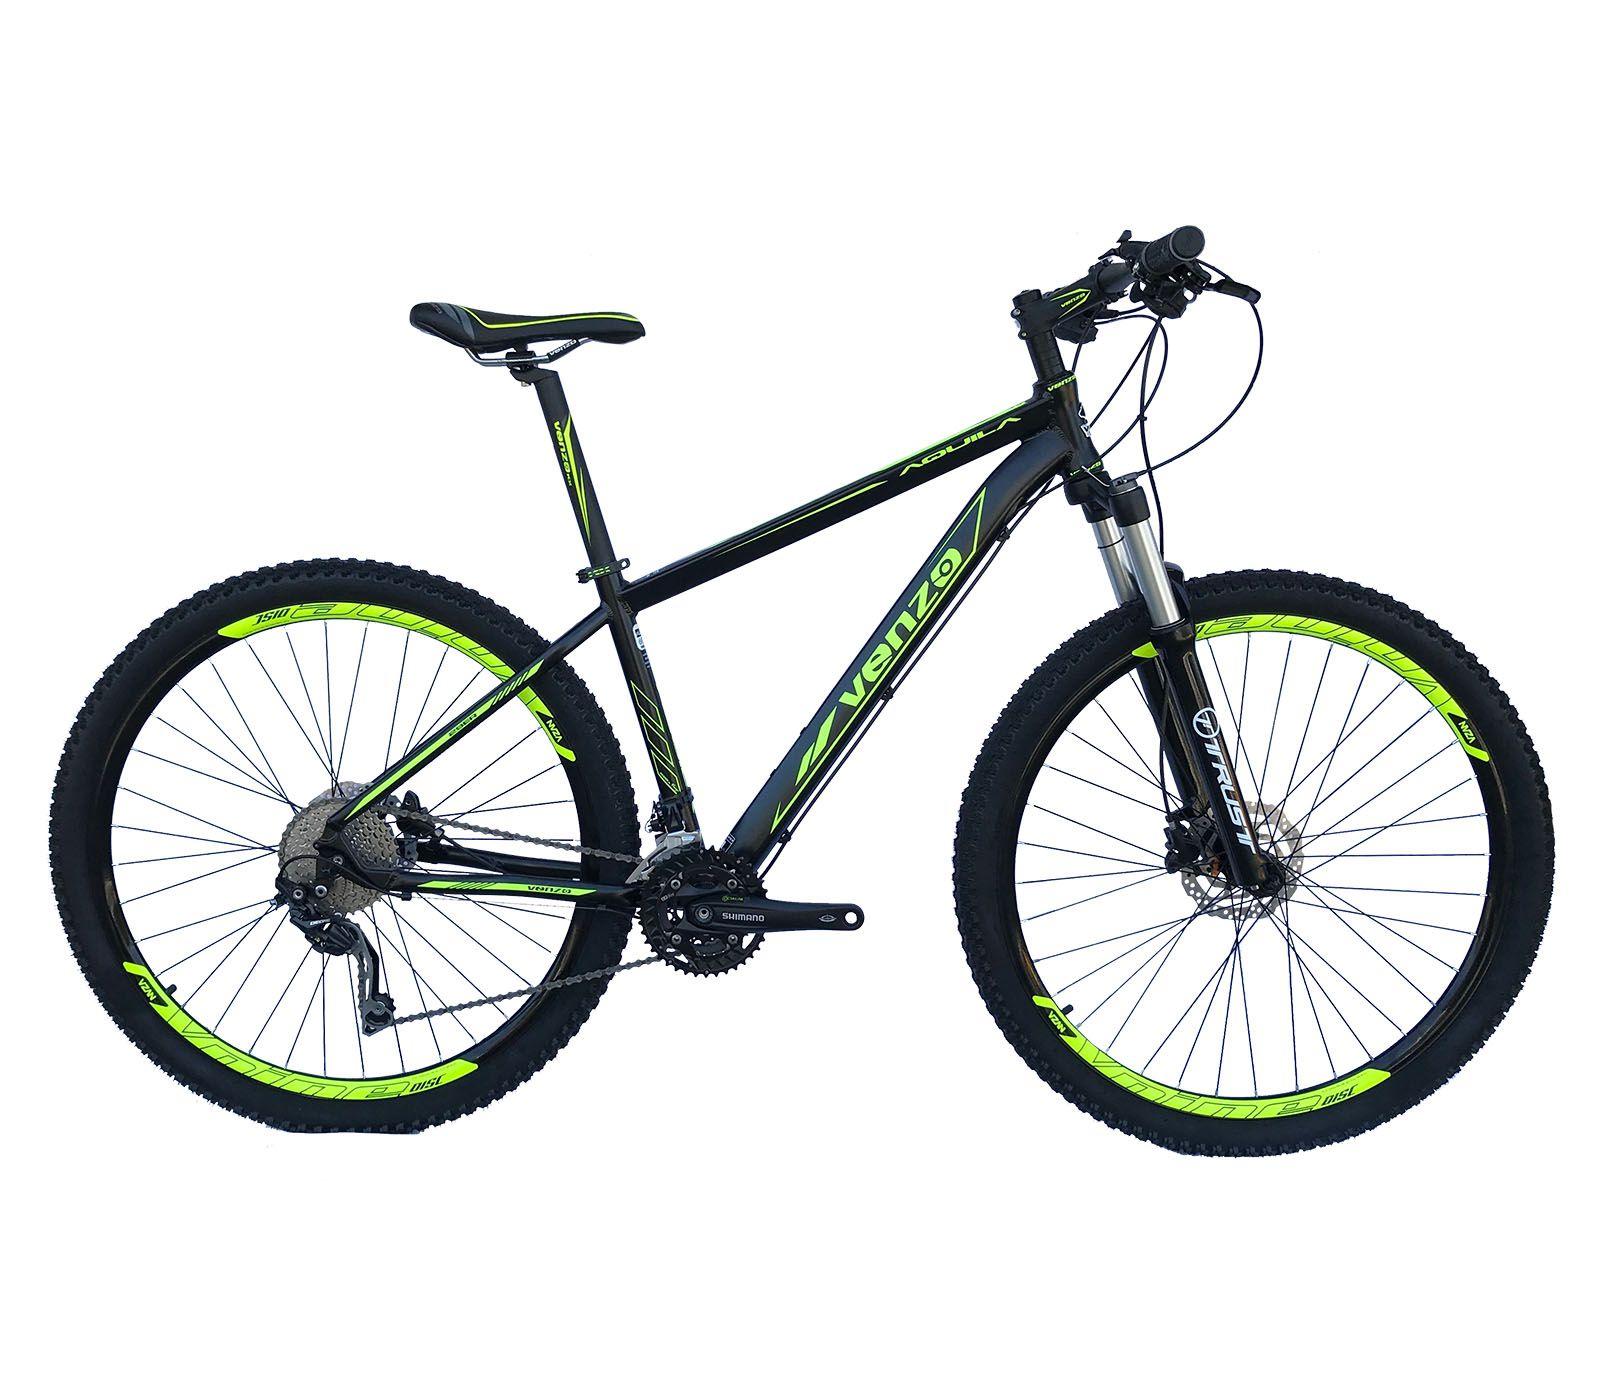 Bicicleta Aro 29 Aquila Venzo Deore 30v Freio Hidraulico Suspensão a Ar Trava no Guidão